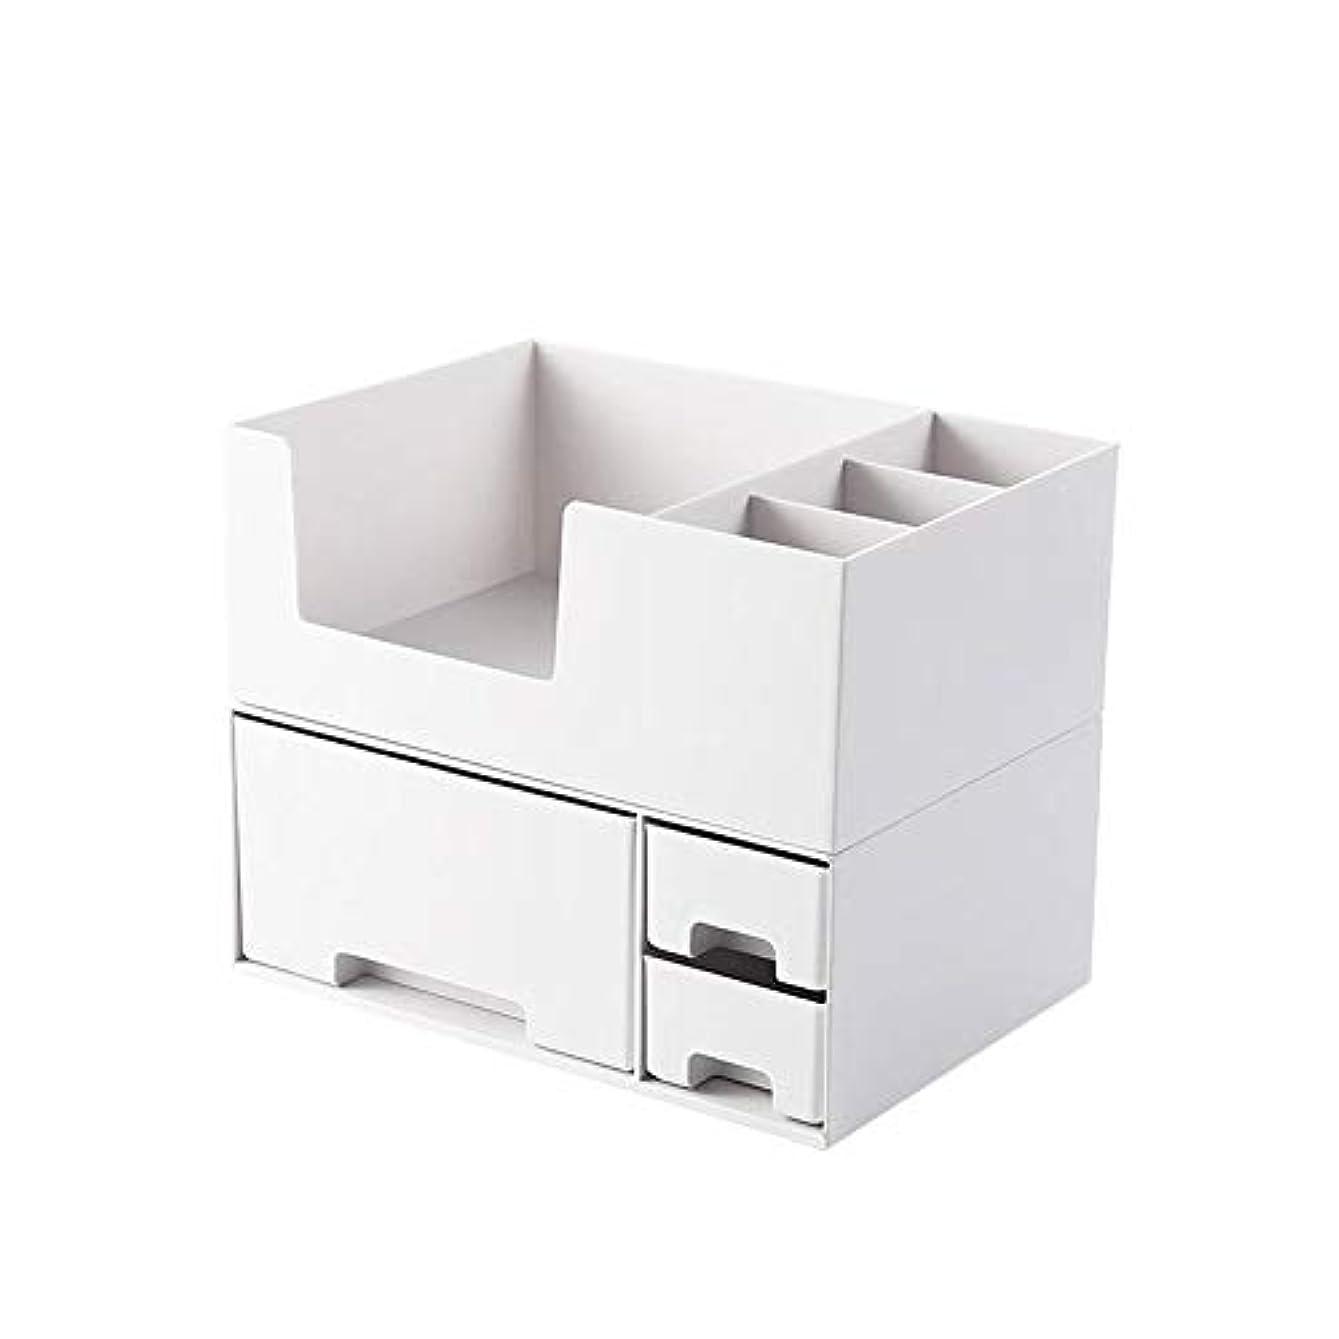 遅らせる明確な巻き戻すBostar 化粧品収納ボックス メイクボックス コスメケース 引き出し 小物入れ 収納ケース 整理簡単 北欧 おしゃれ ホワイト